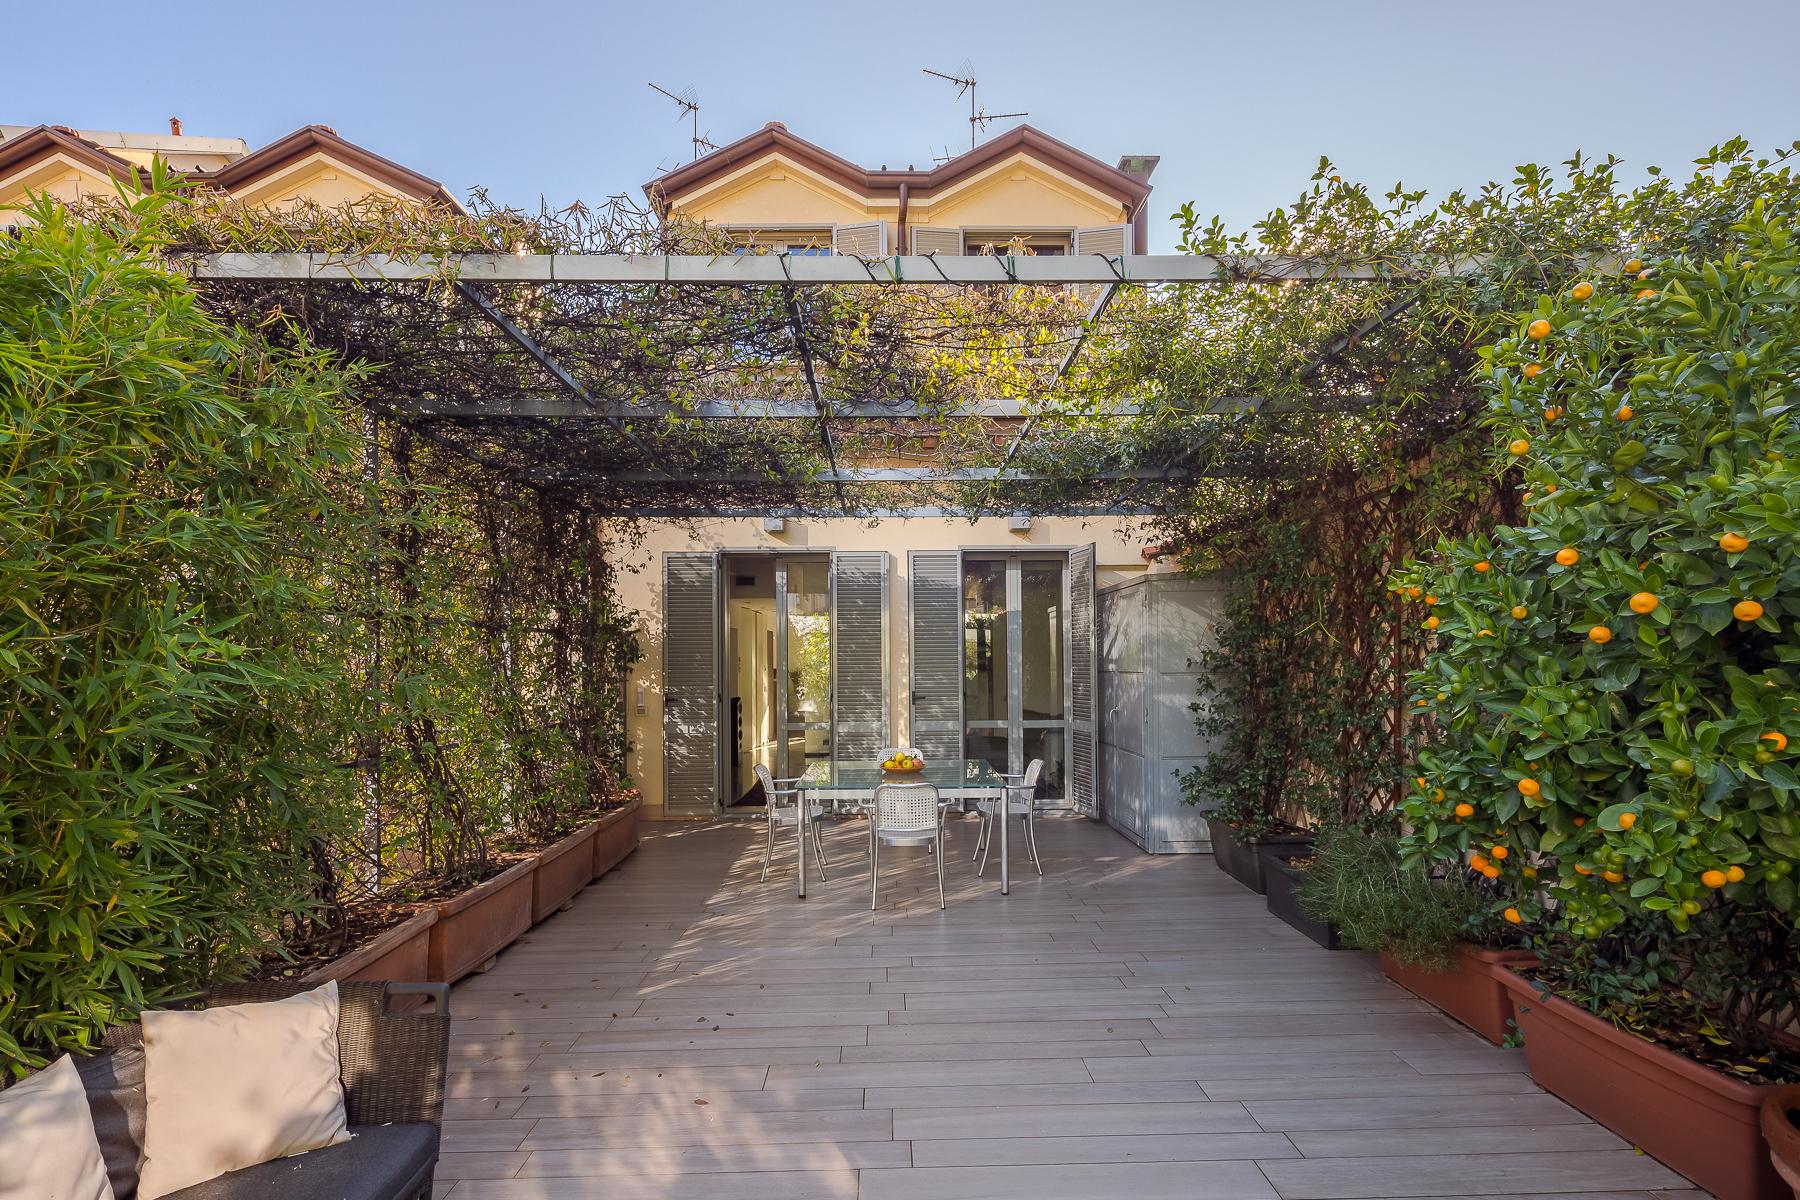 Appartamento in Vendita a Milano: 5 locali, 171 mq - Foto 1